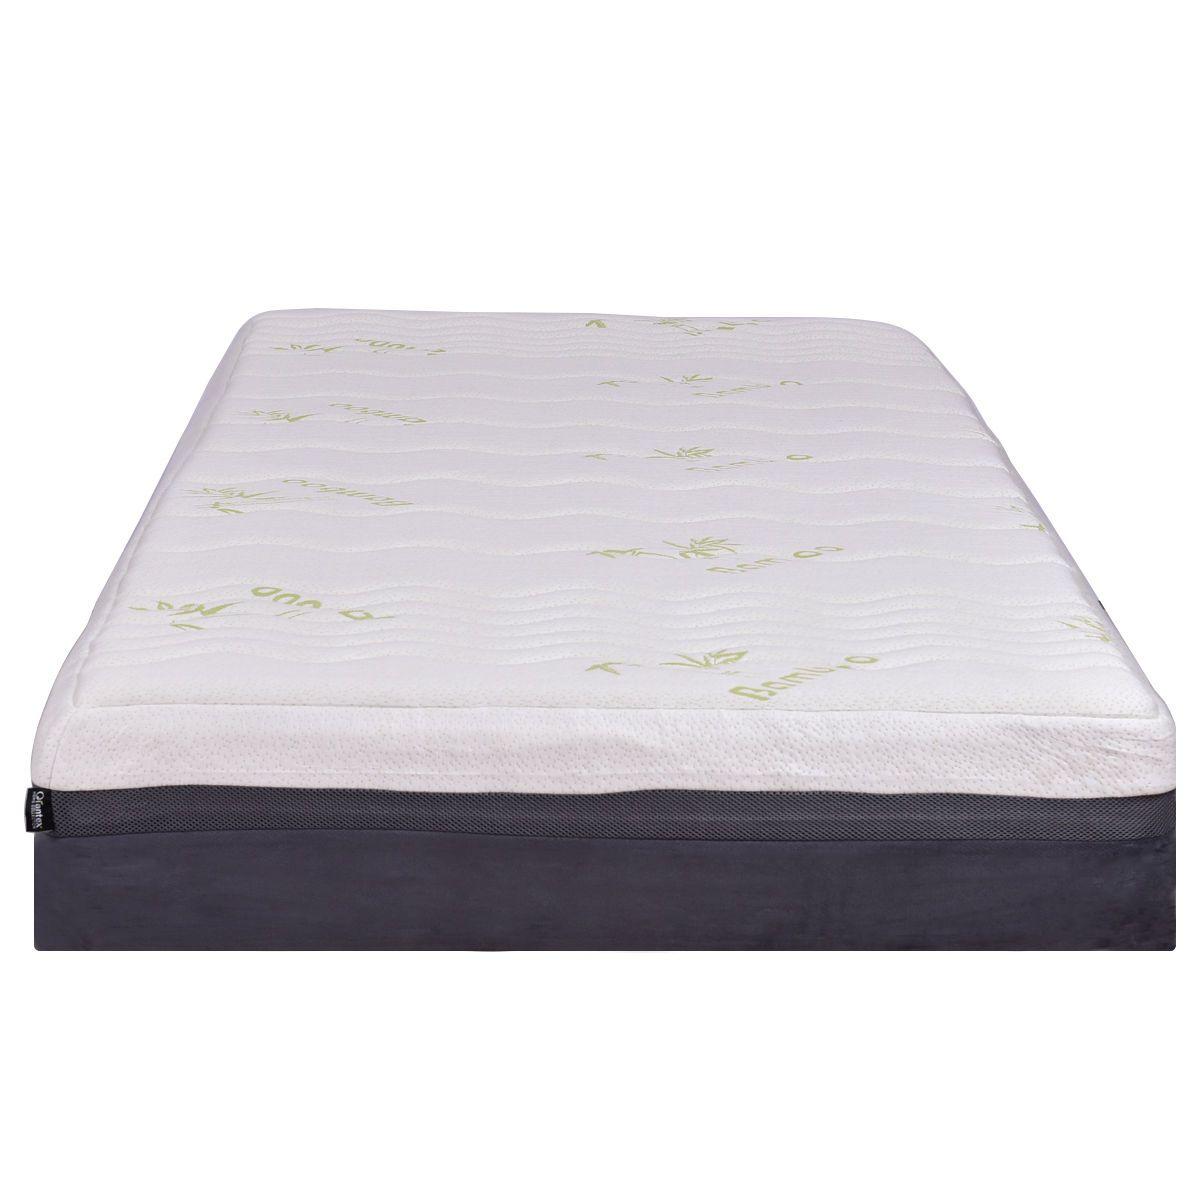 Queen Size 10″ Bamboo Cover Memory Foam Mattress